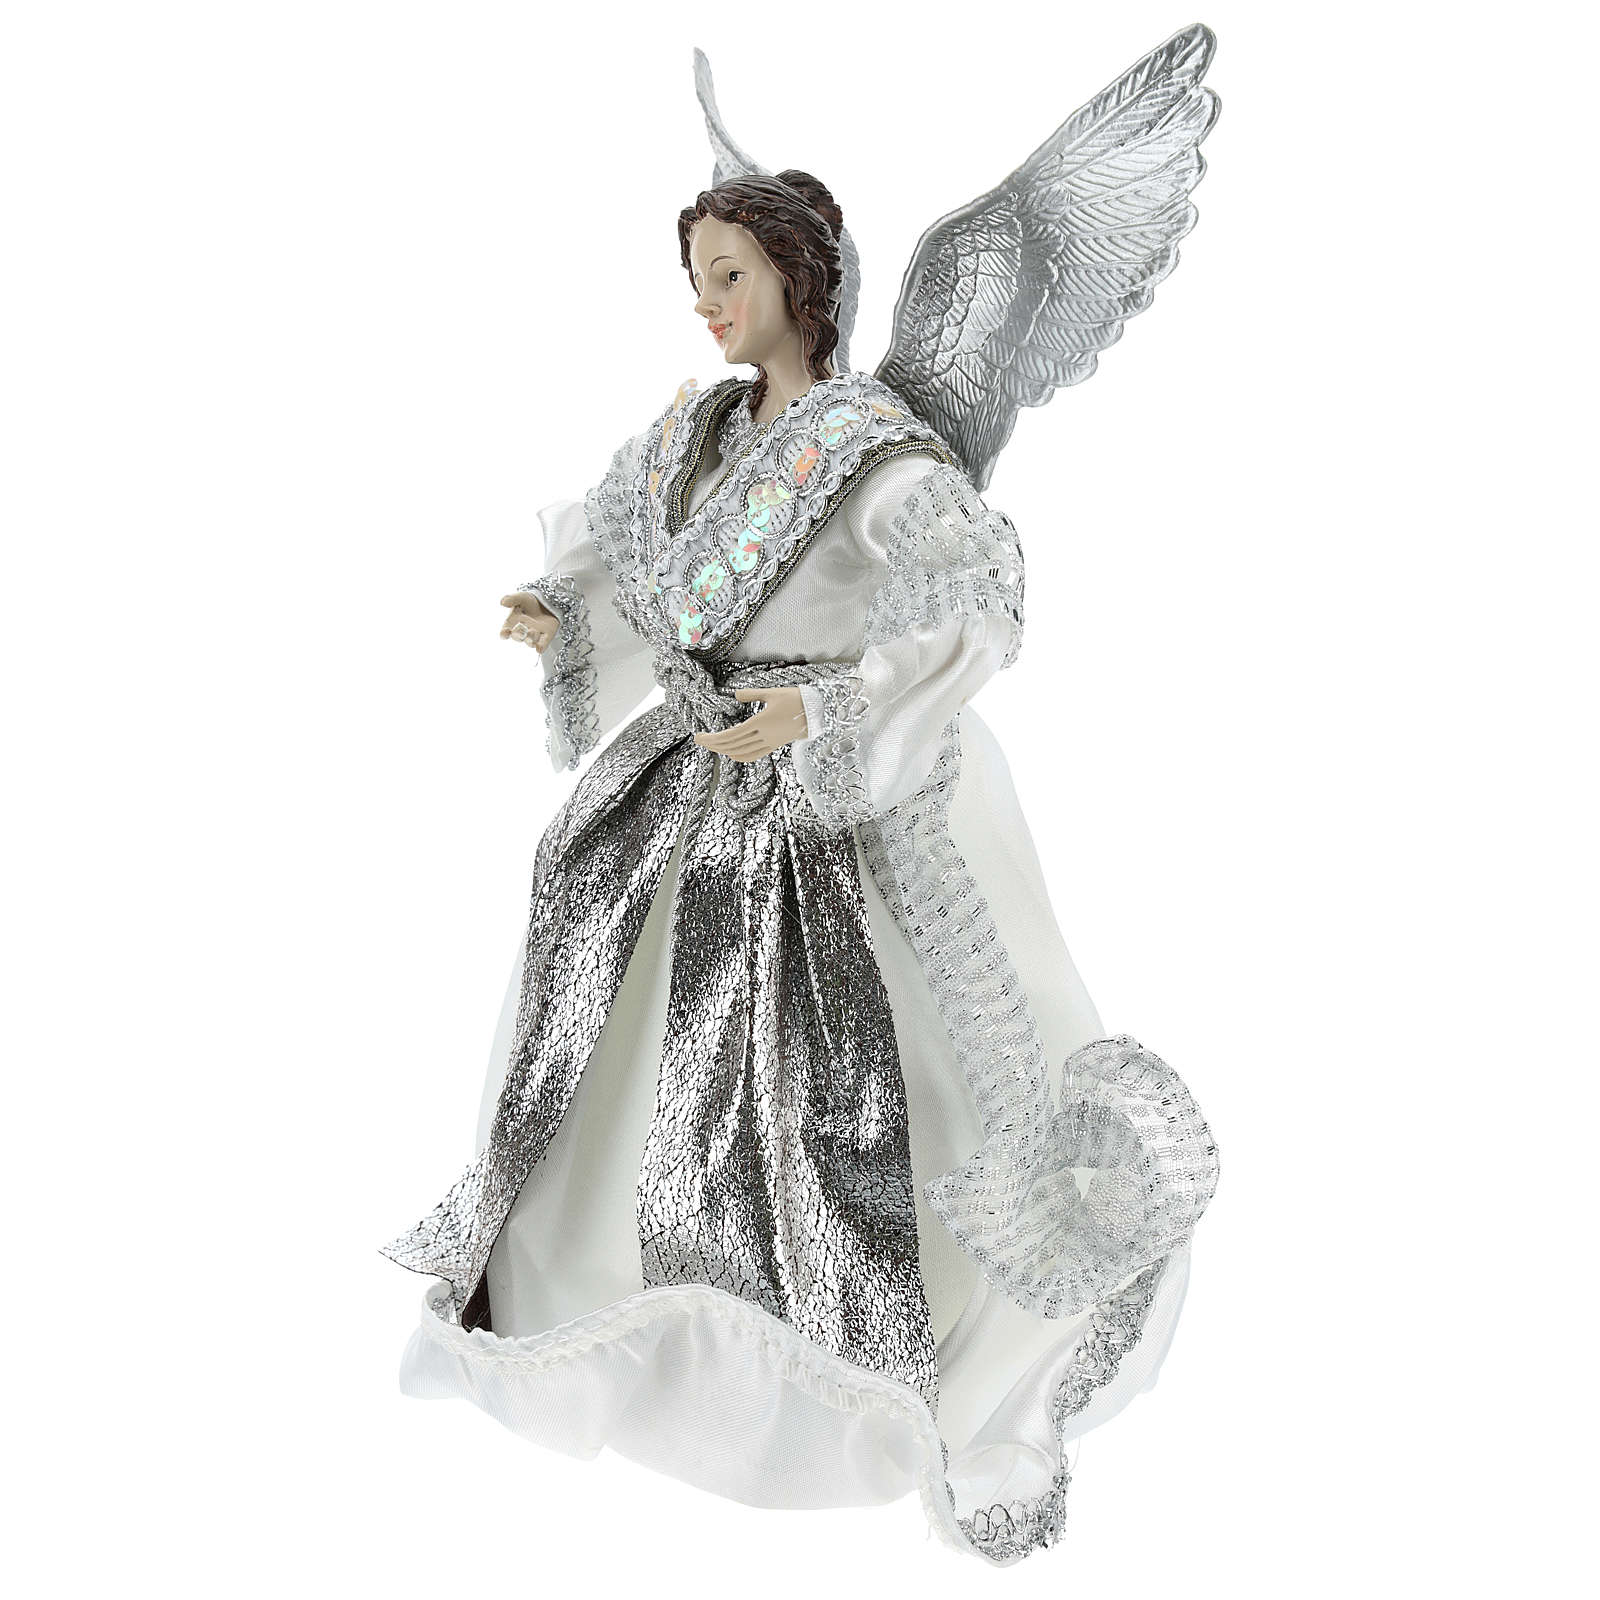 Ángel Punta Anunciación con vestidos plateados 28 cm 3